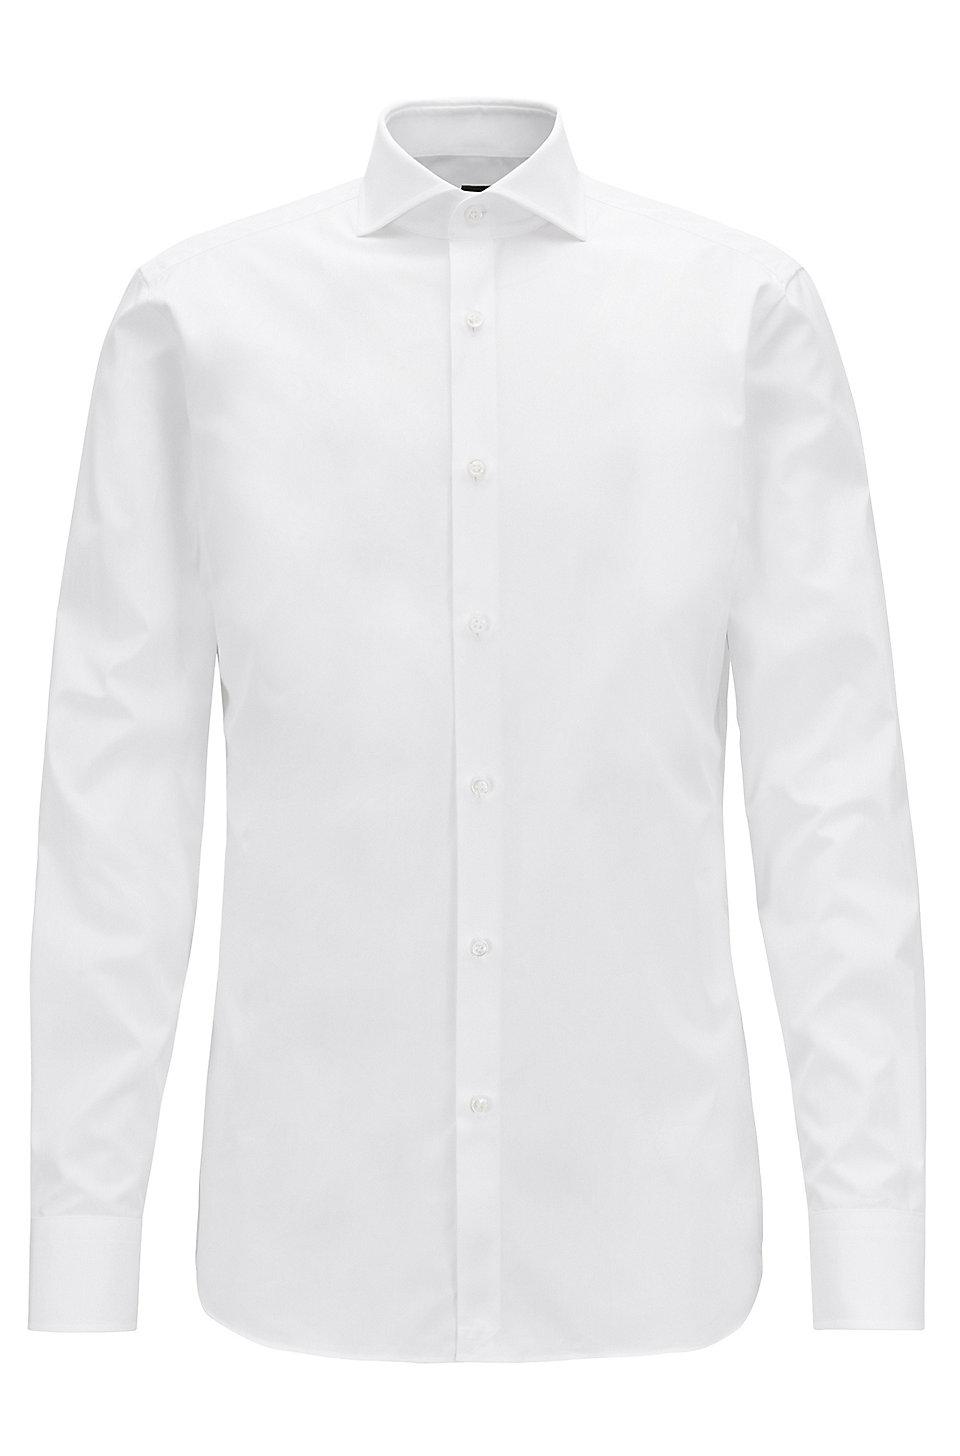 9c873e448 BOSS - Slim-fit shirt in two-ply Italian cotton poplin